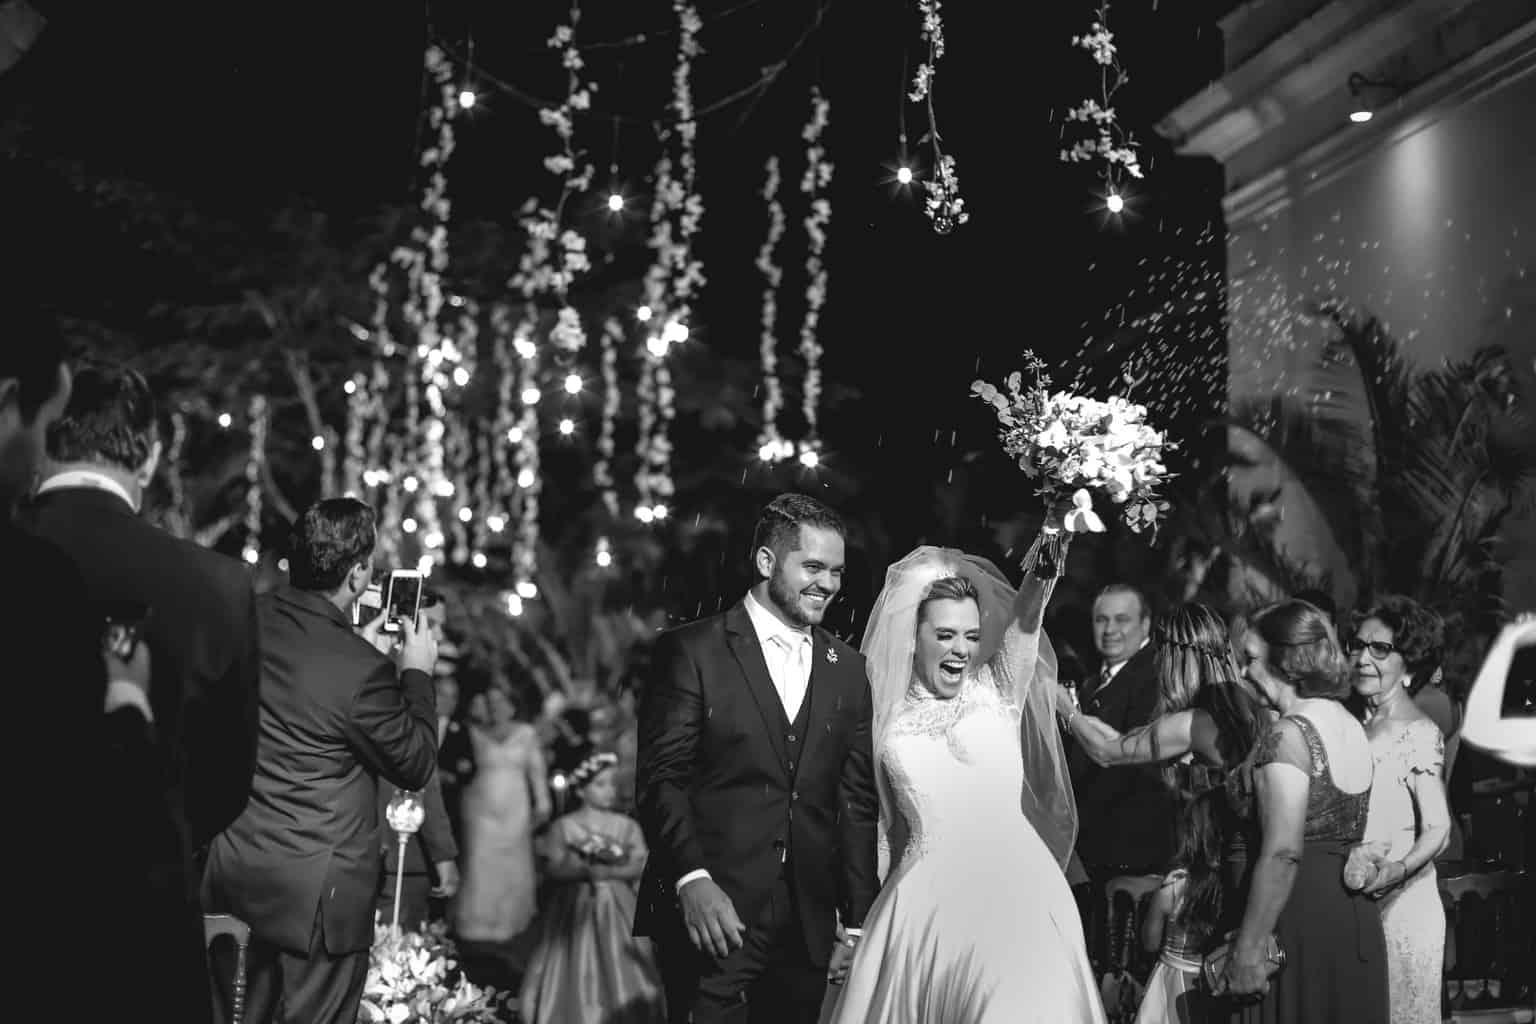 casamento-Juliana-e-Eduardo-Fotografia-Ricardo-Nascimento-e-Thereza-magno-Usina-dois-irmãos70